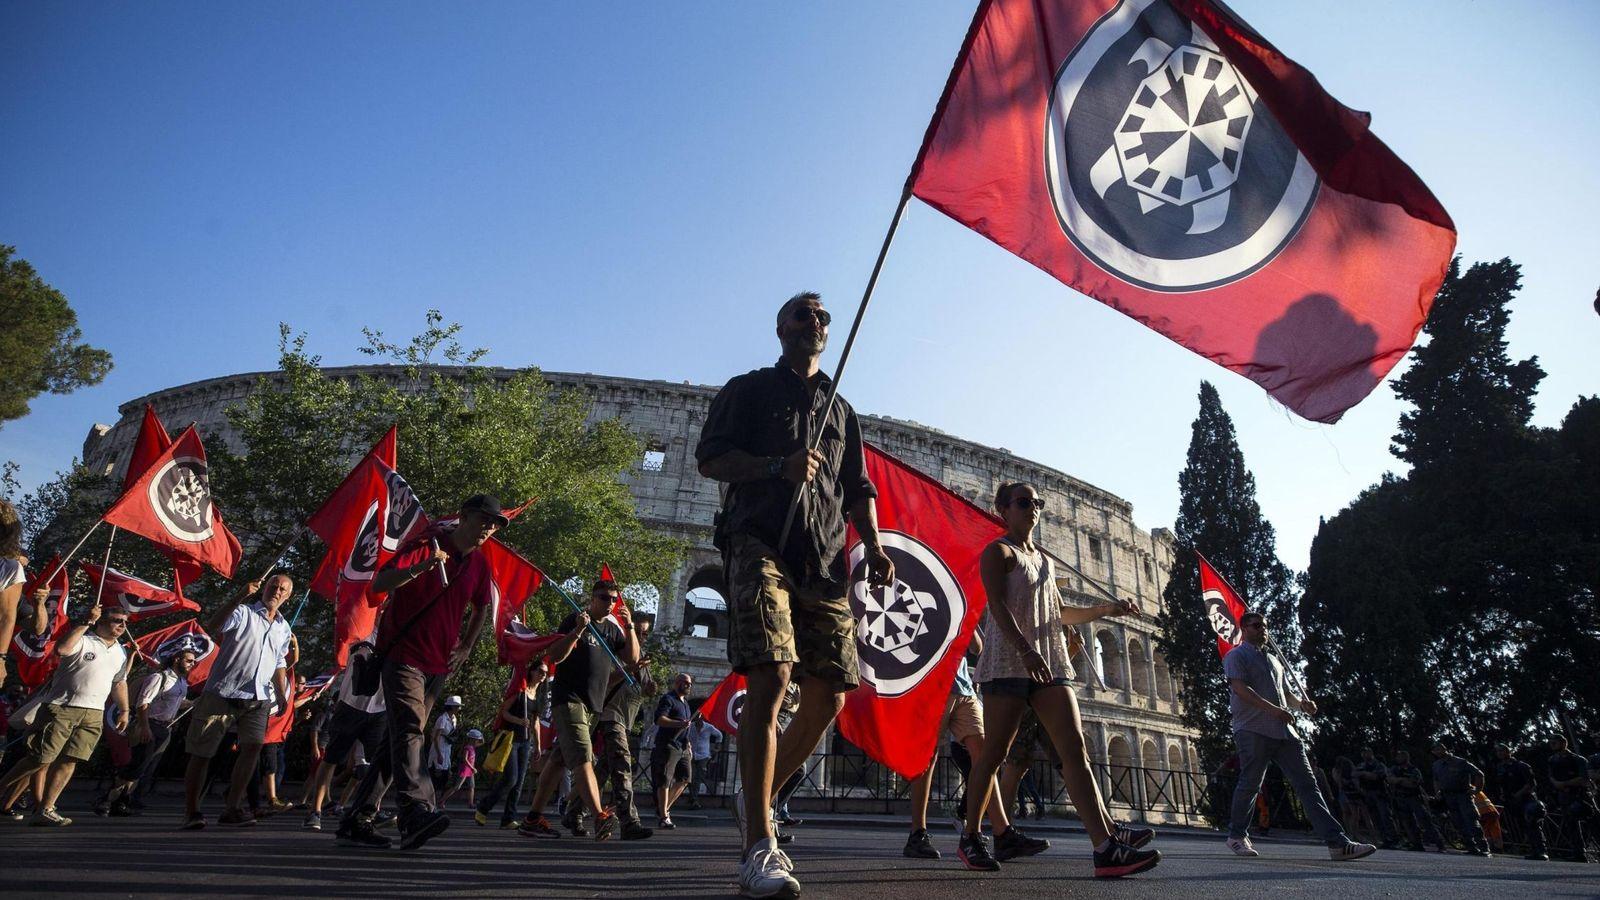 Foto: Simpatizantes de Casapound durante una protesta contra la concesión de la ciudadanía a hijos de inmigrantes nacidos en Italia, en Roma. (Reuters)